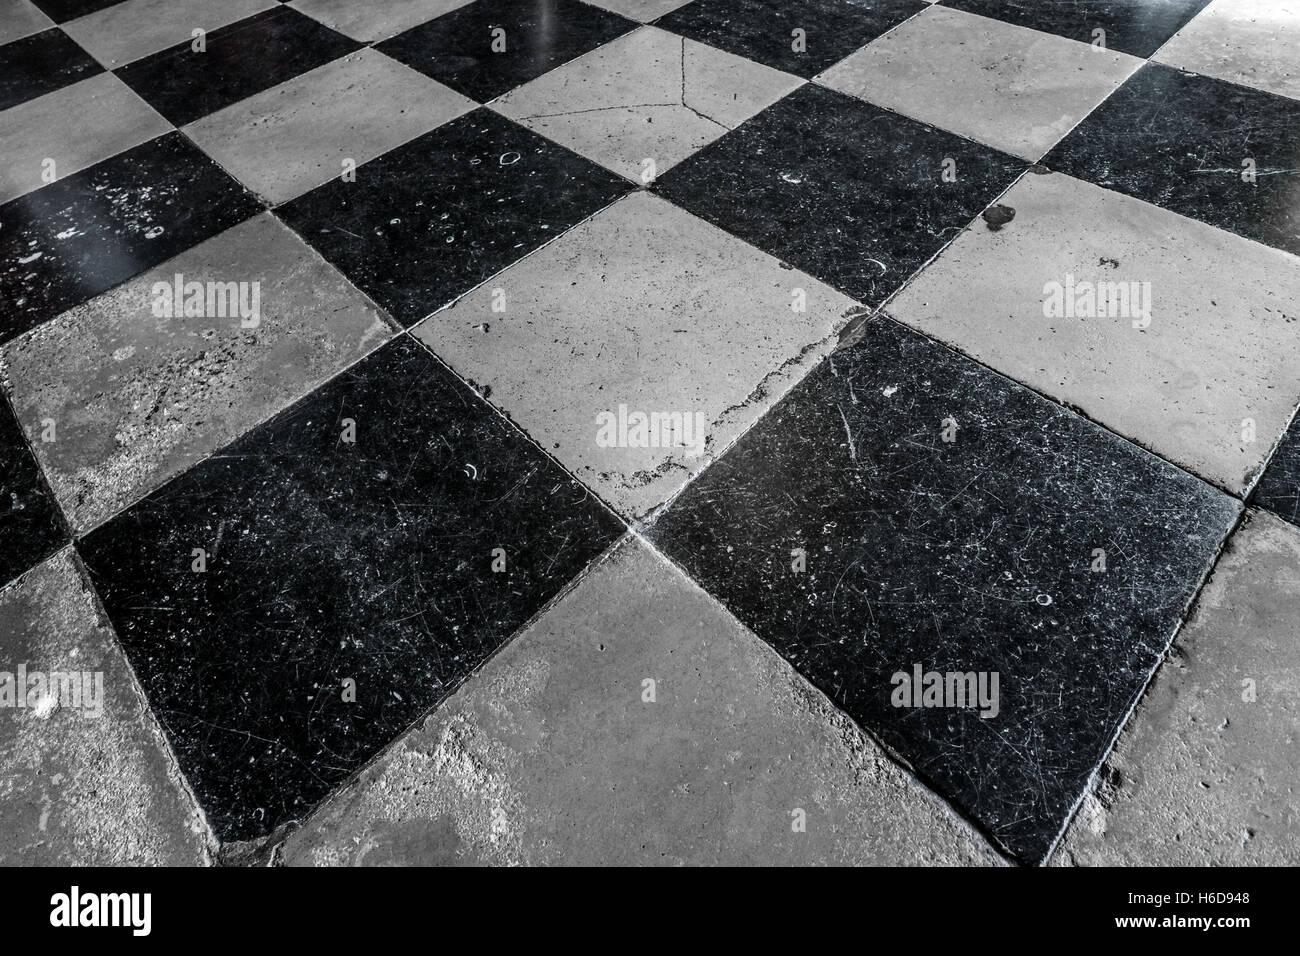 Fußboden Fliesen Schwarz Weiß ~ Schwarz weiß bodenfliesen stockfoto bild alamy